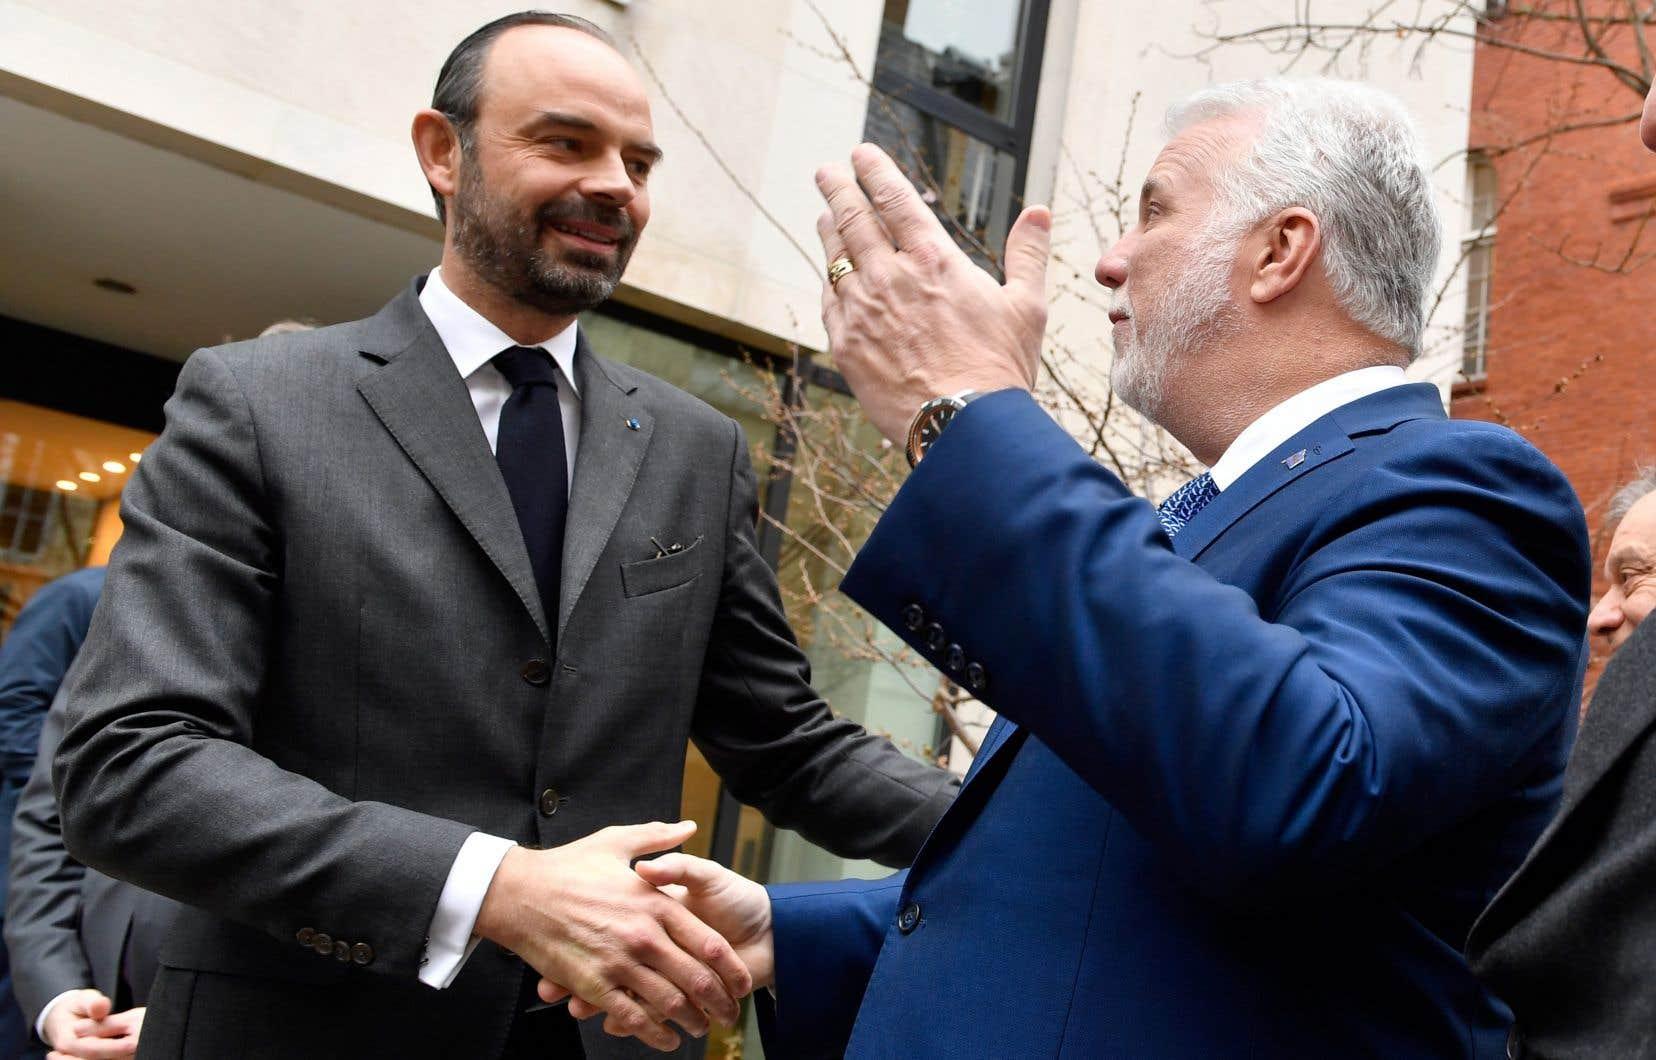 Philippe Couillard a visité son vis-à-vis Édouard Philippedans le cadre des rencontres alternées des deux premiers ministres, une tradition depuis 40 ans.